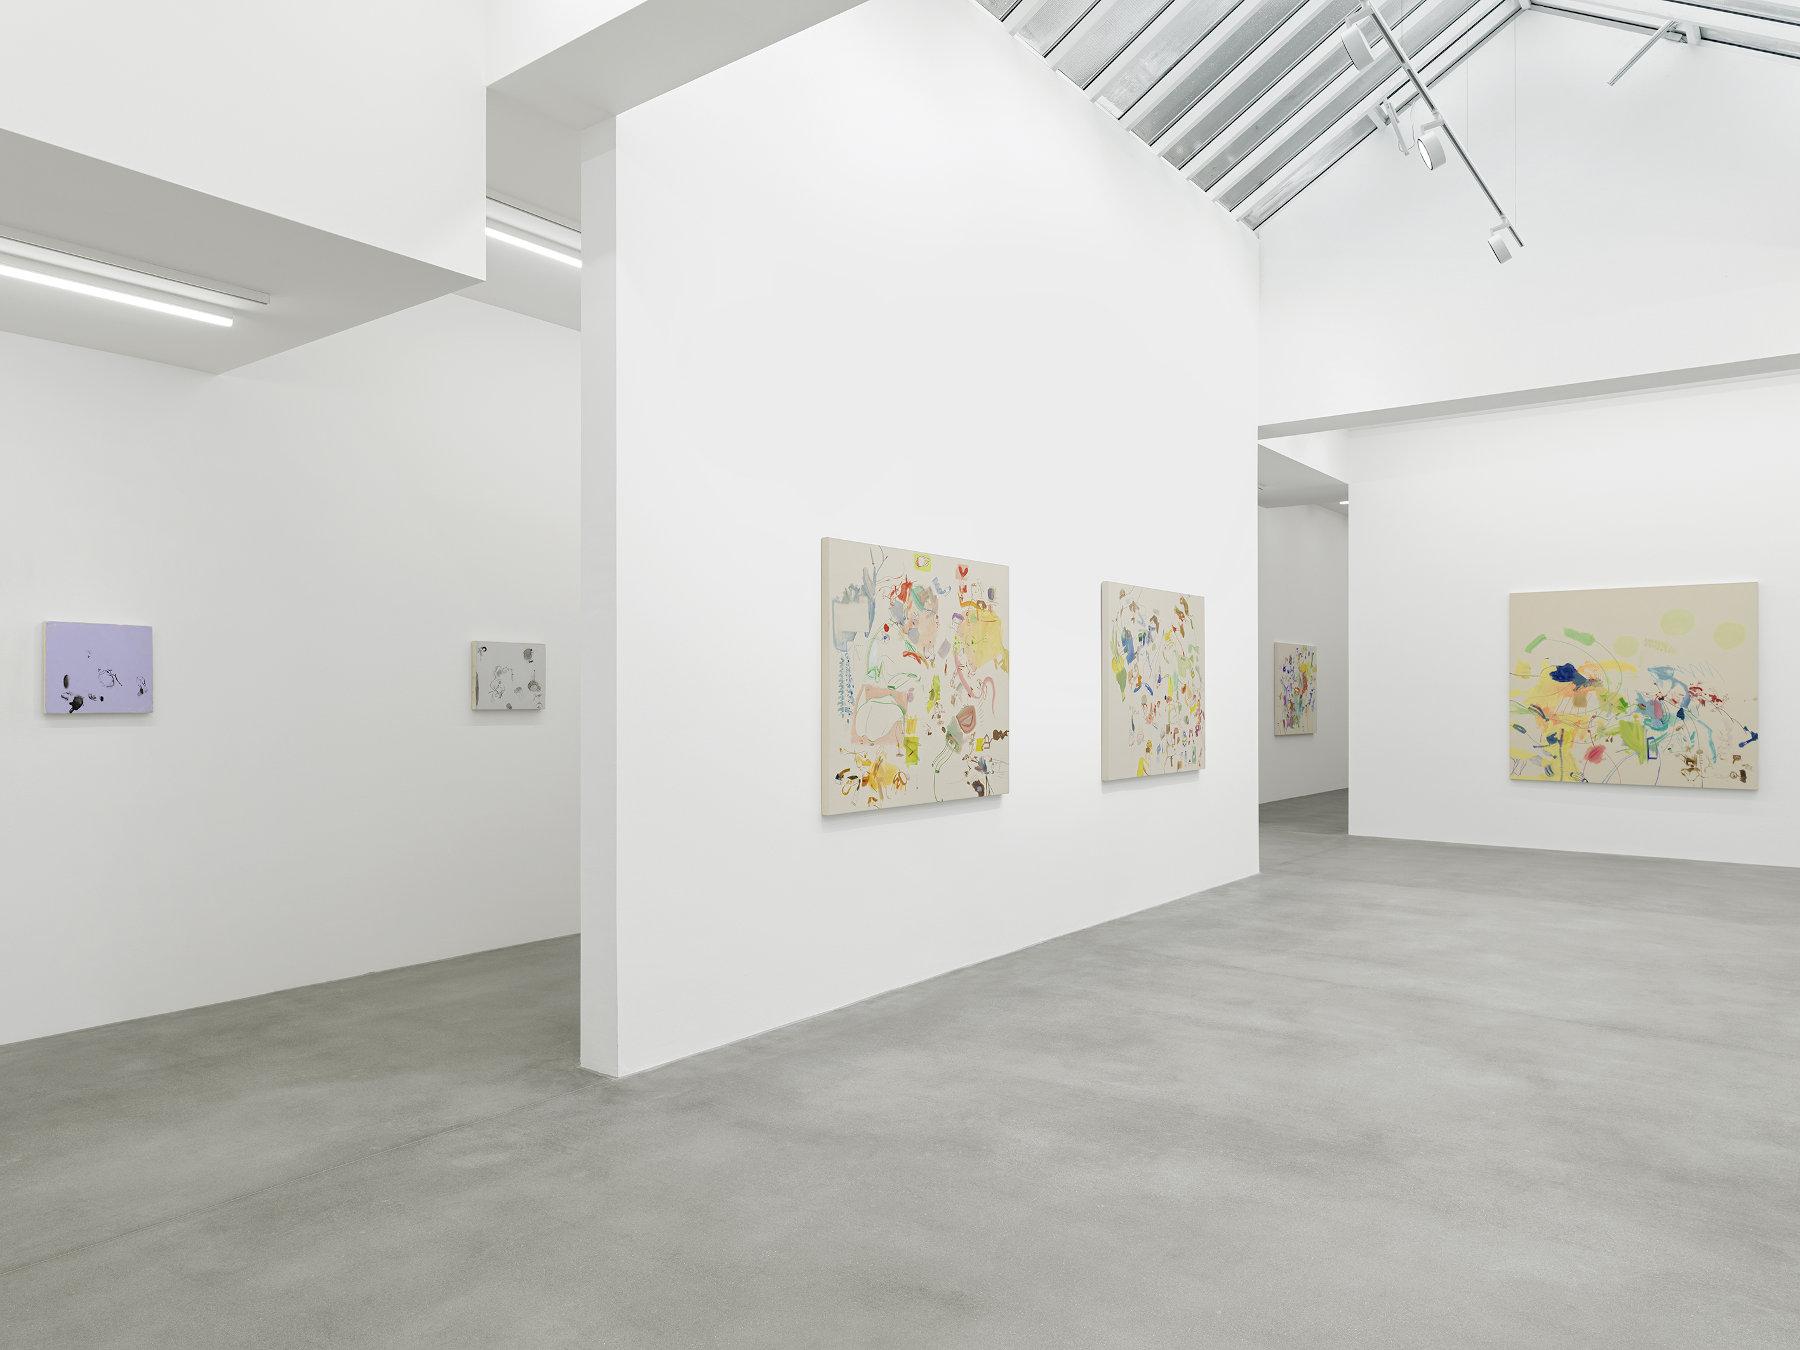 Galerie Eva Presenhuber Waldmanstrasse Sue Williams 1